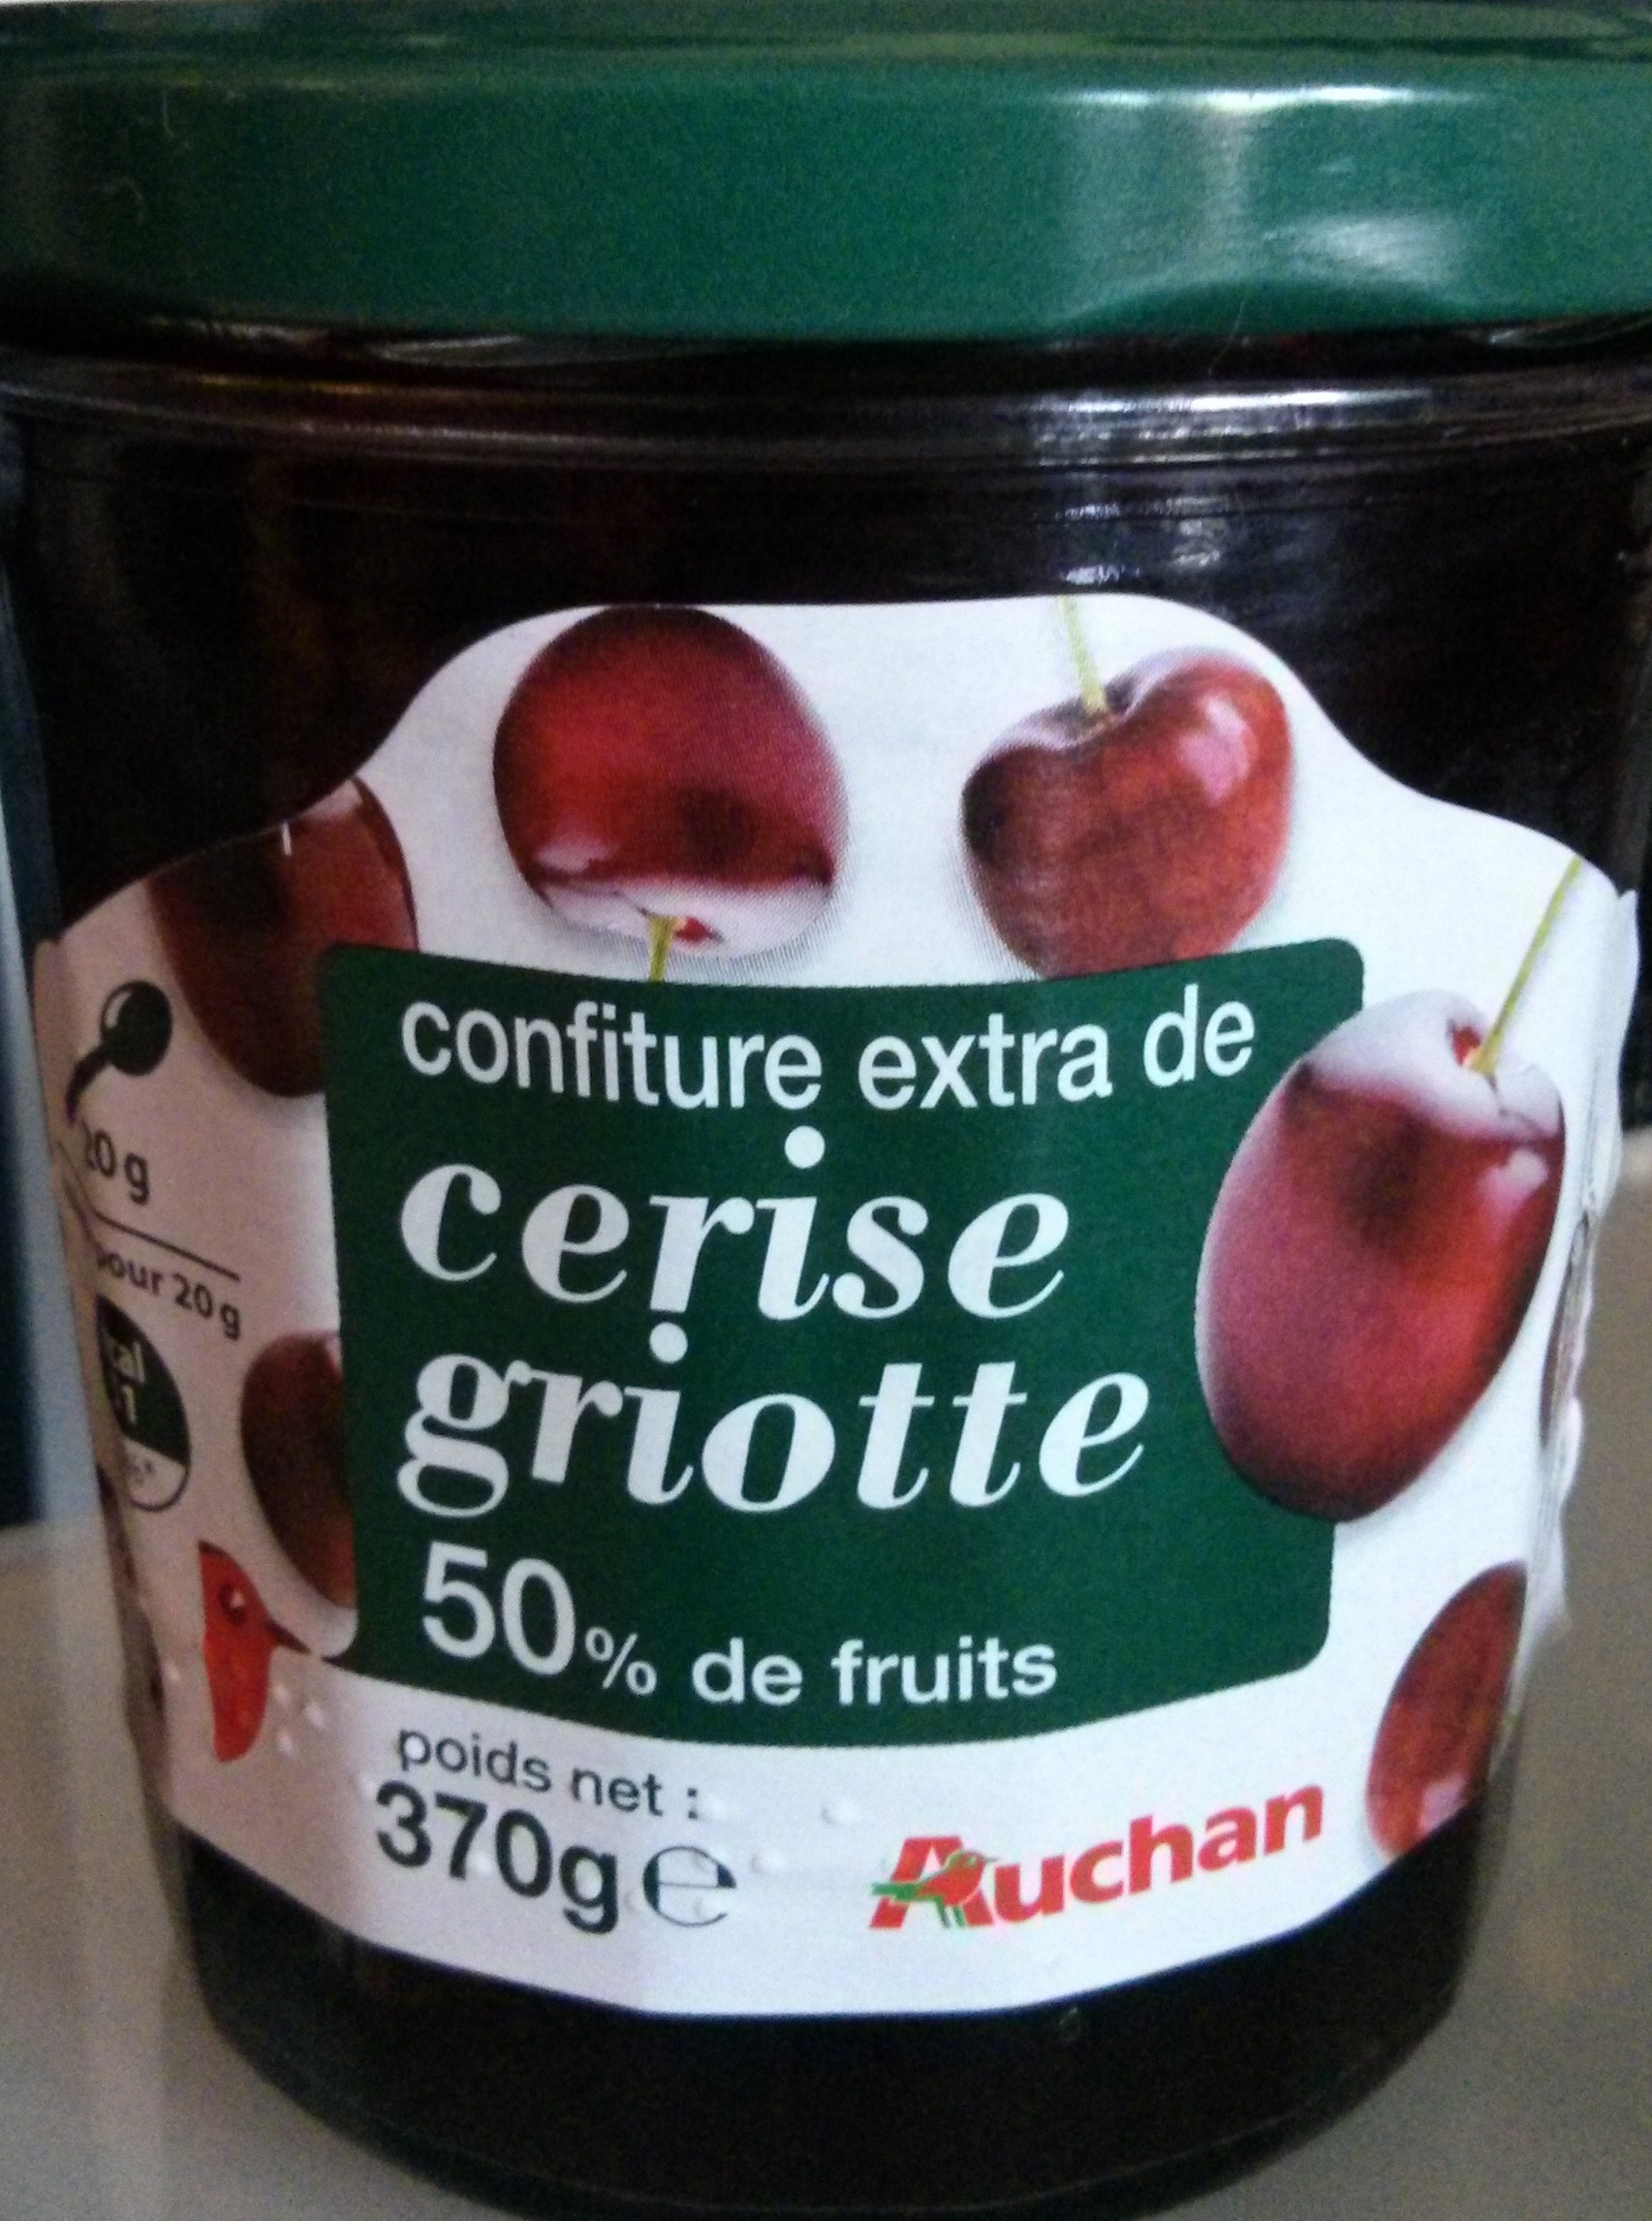 Confiture extra de cerise griotte - Produit - fr